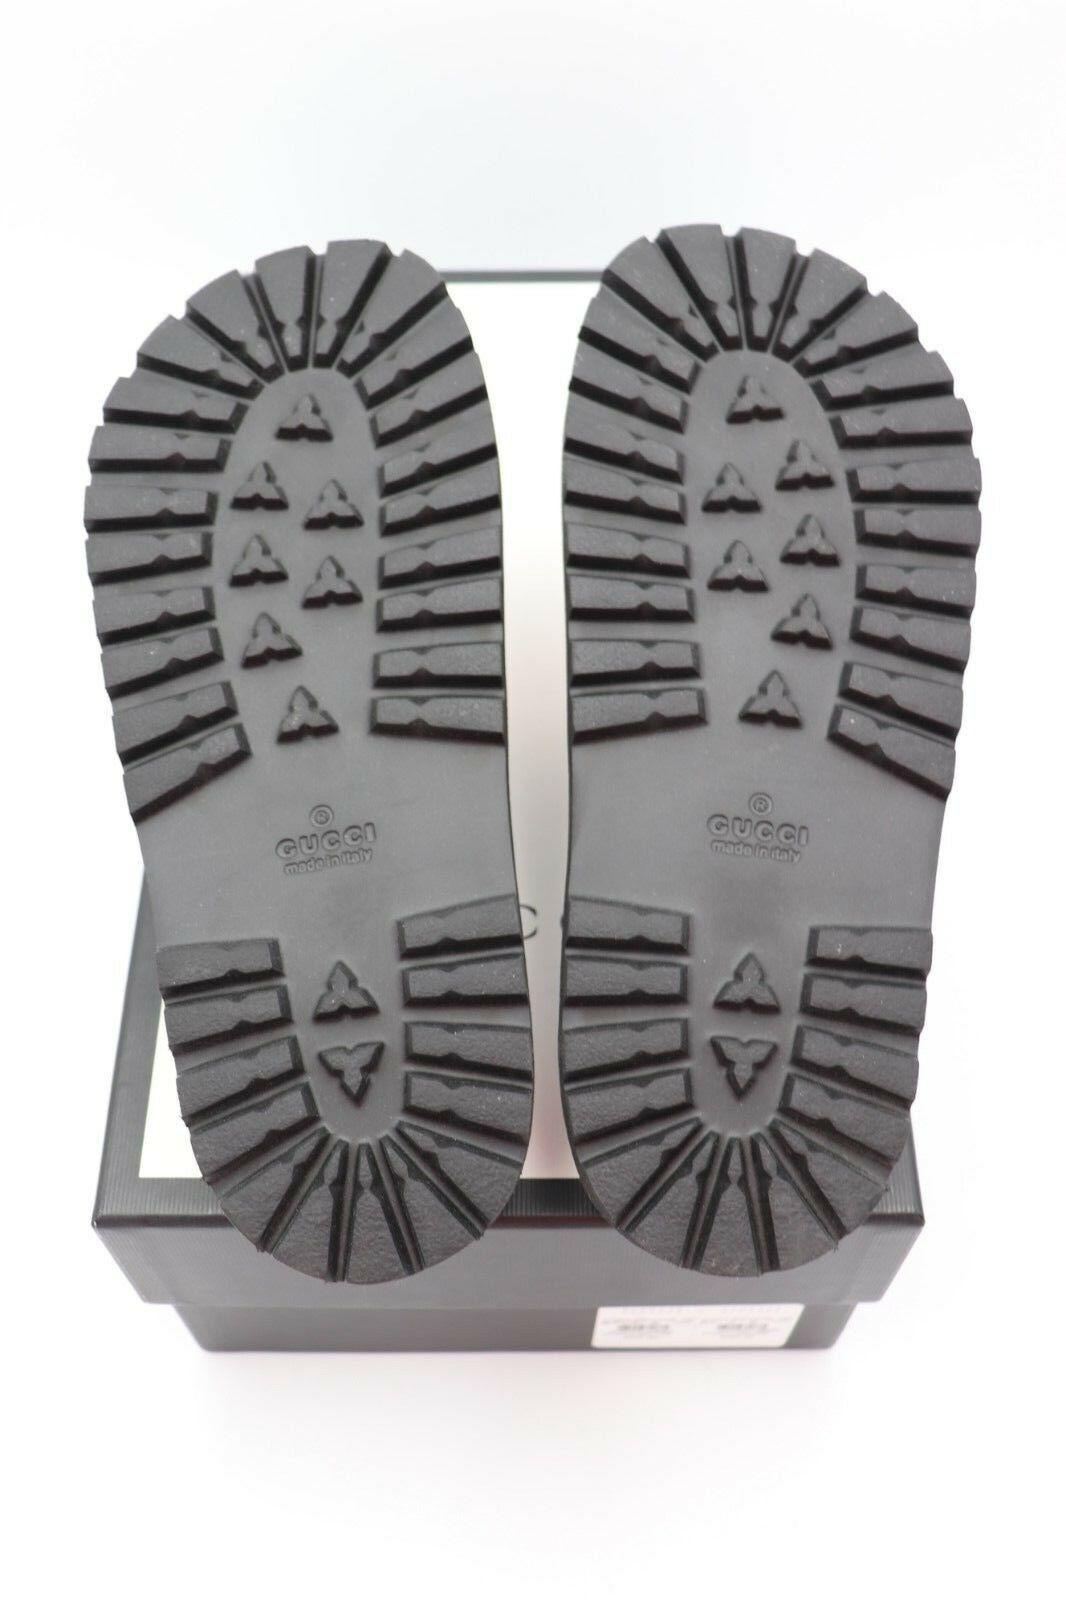 829383384 NIB Gucci Pursuit Treck Floral Jacquard Blind for Love Slide Sandals 7US 6UK